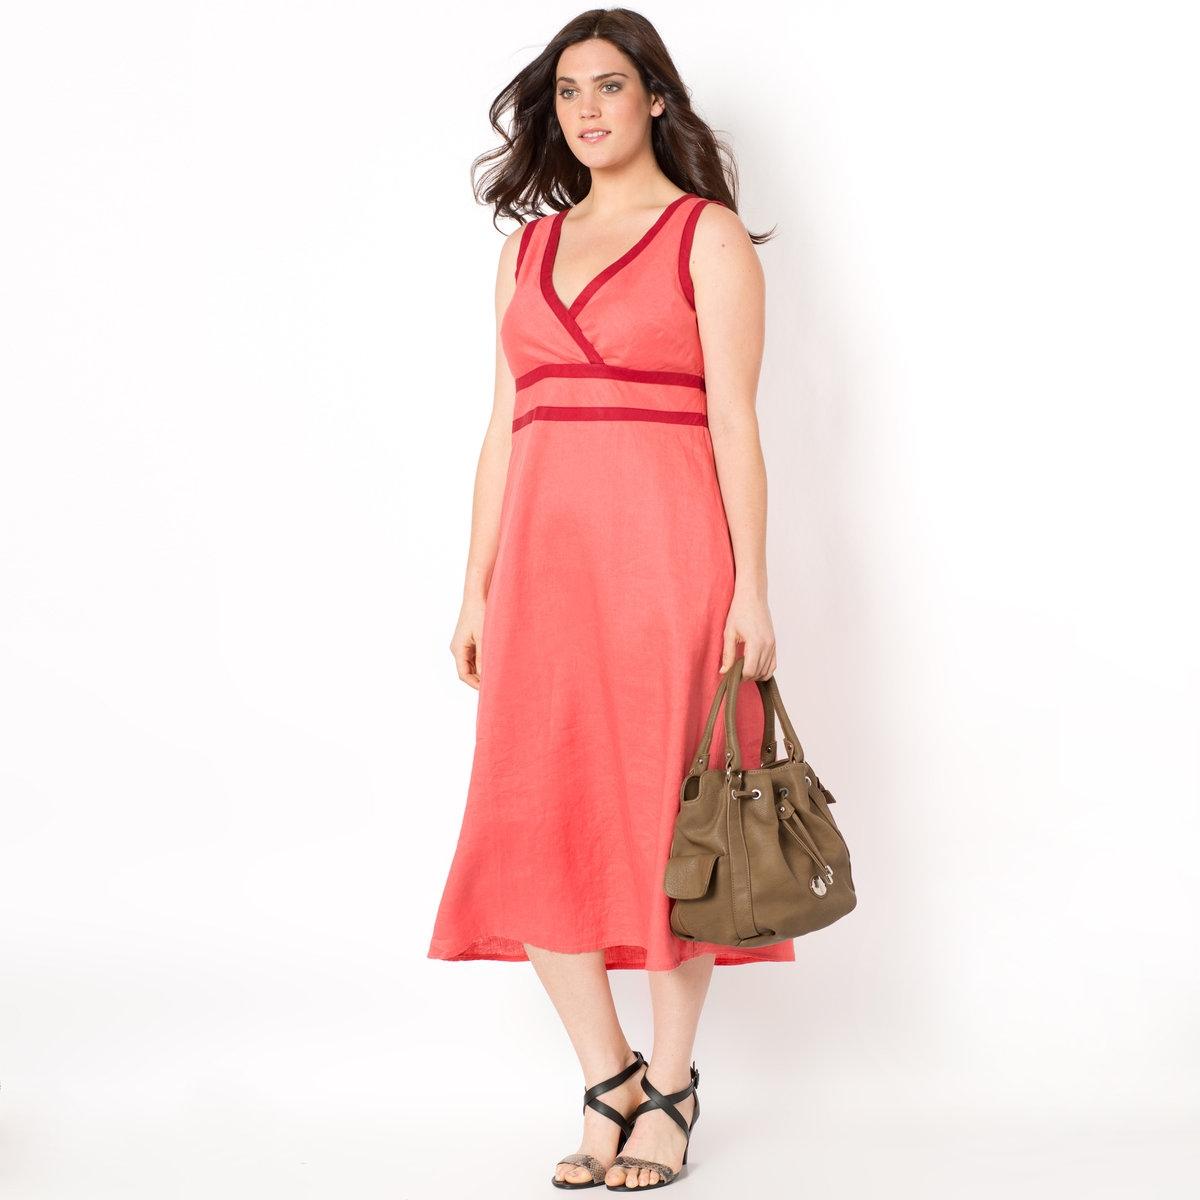 Платье длинное, 100% хлопкаДлинное платье. Невероятно элегантное платье! Без рукавов. Рисунок пальмы. Вырез с запахом с отрезной деталью под грудью. Контрастный кант на вырезе и плечах. Скрытая застежка на молнию сбоку. 100% льна. Длина платья 120 см.<br><br>Цвет: коралловый,рисунок пальмы<br>Размер: 42 (FR) - 48 (RUS).46 (FR) - 52 (RUS).44 (FR) - 50 (RUS).46 (FR) - 52 (RUS)